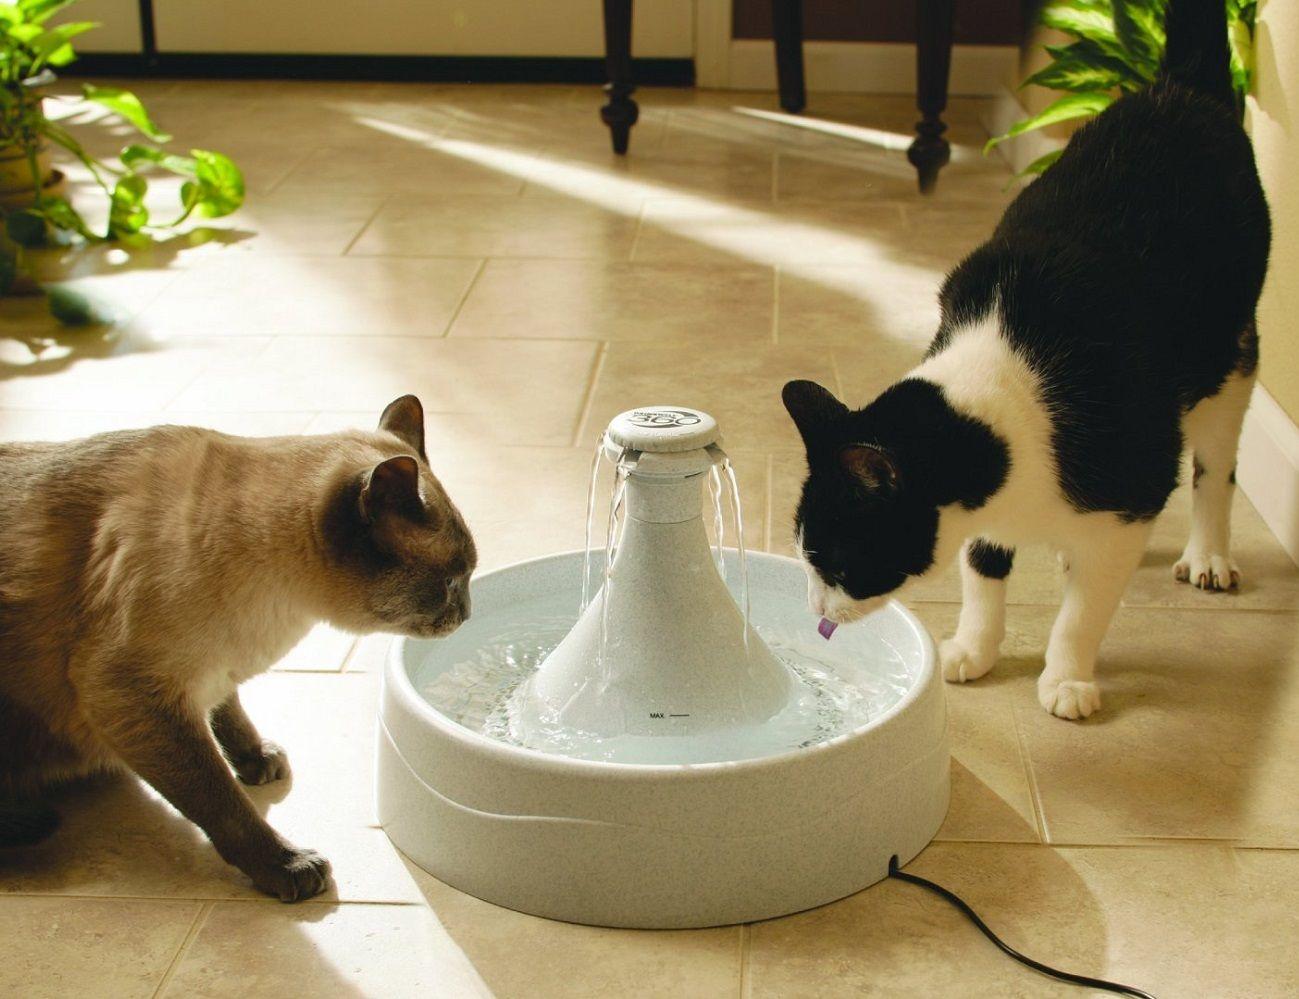 Автопоилка для кошки своими руками - Секрет Мастера 67